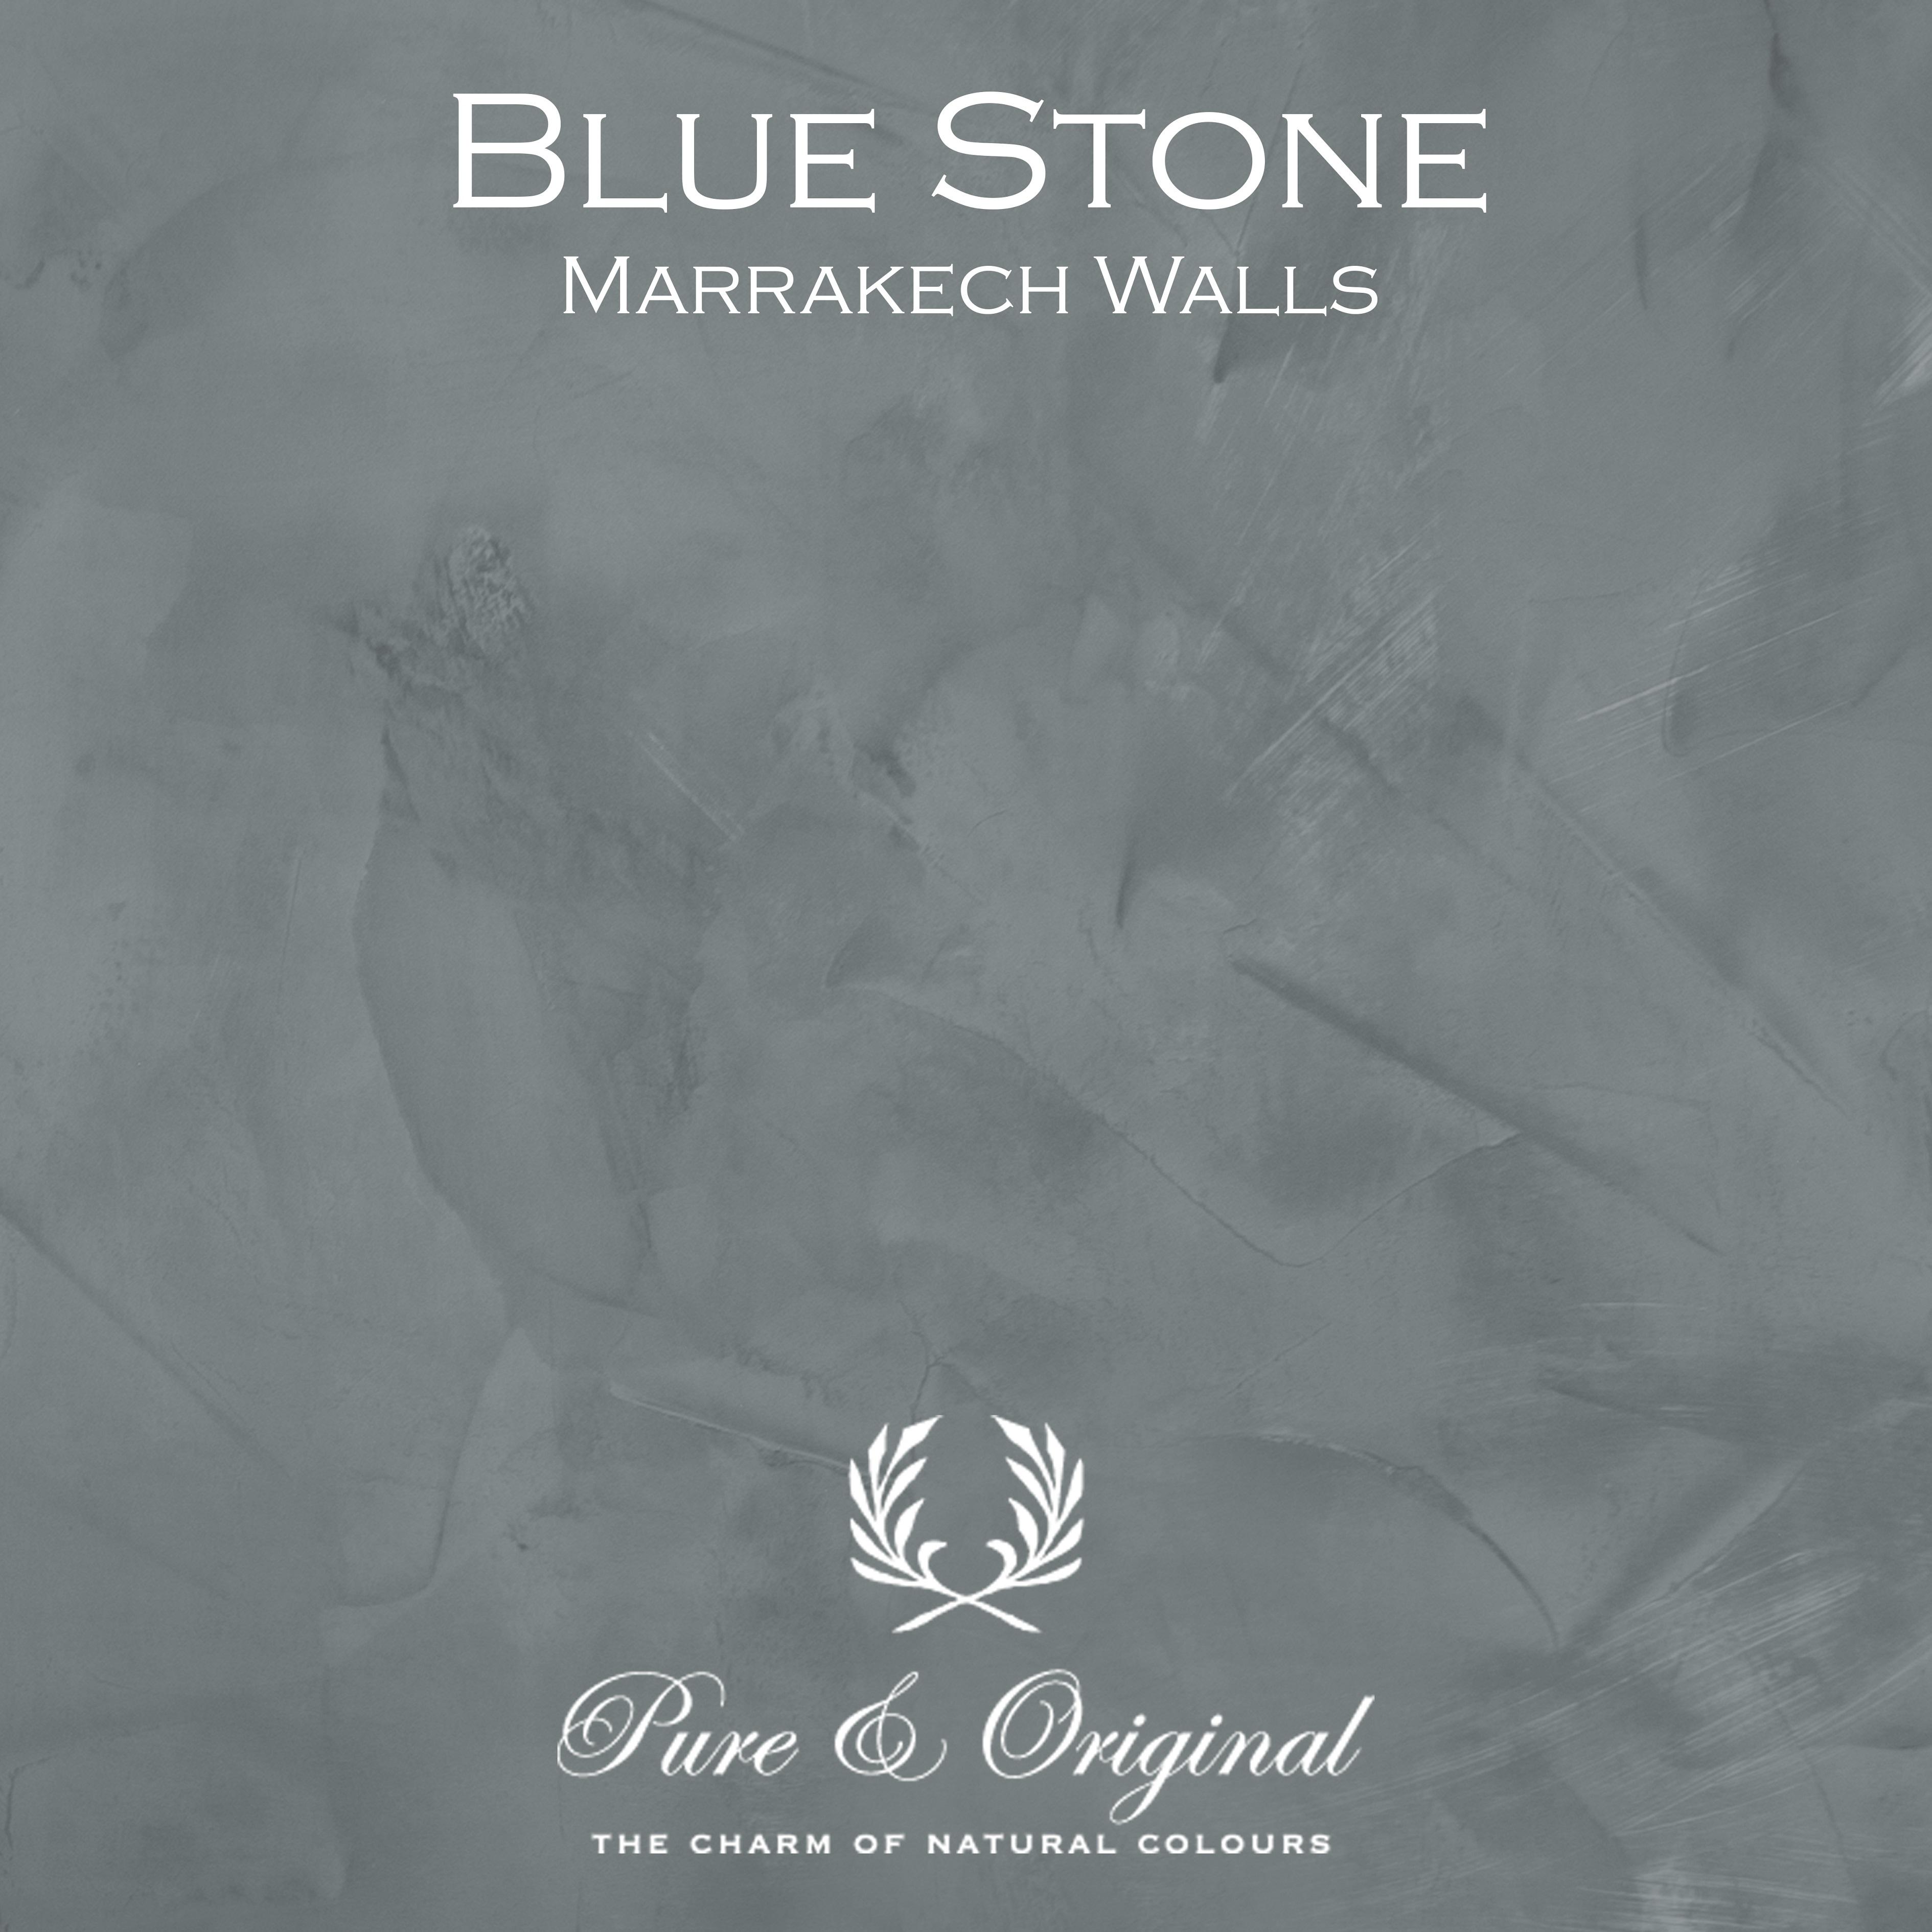 Kulör Blue Stone, Marrakech Walls kalkfärg